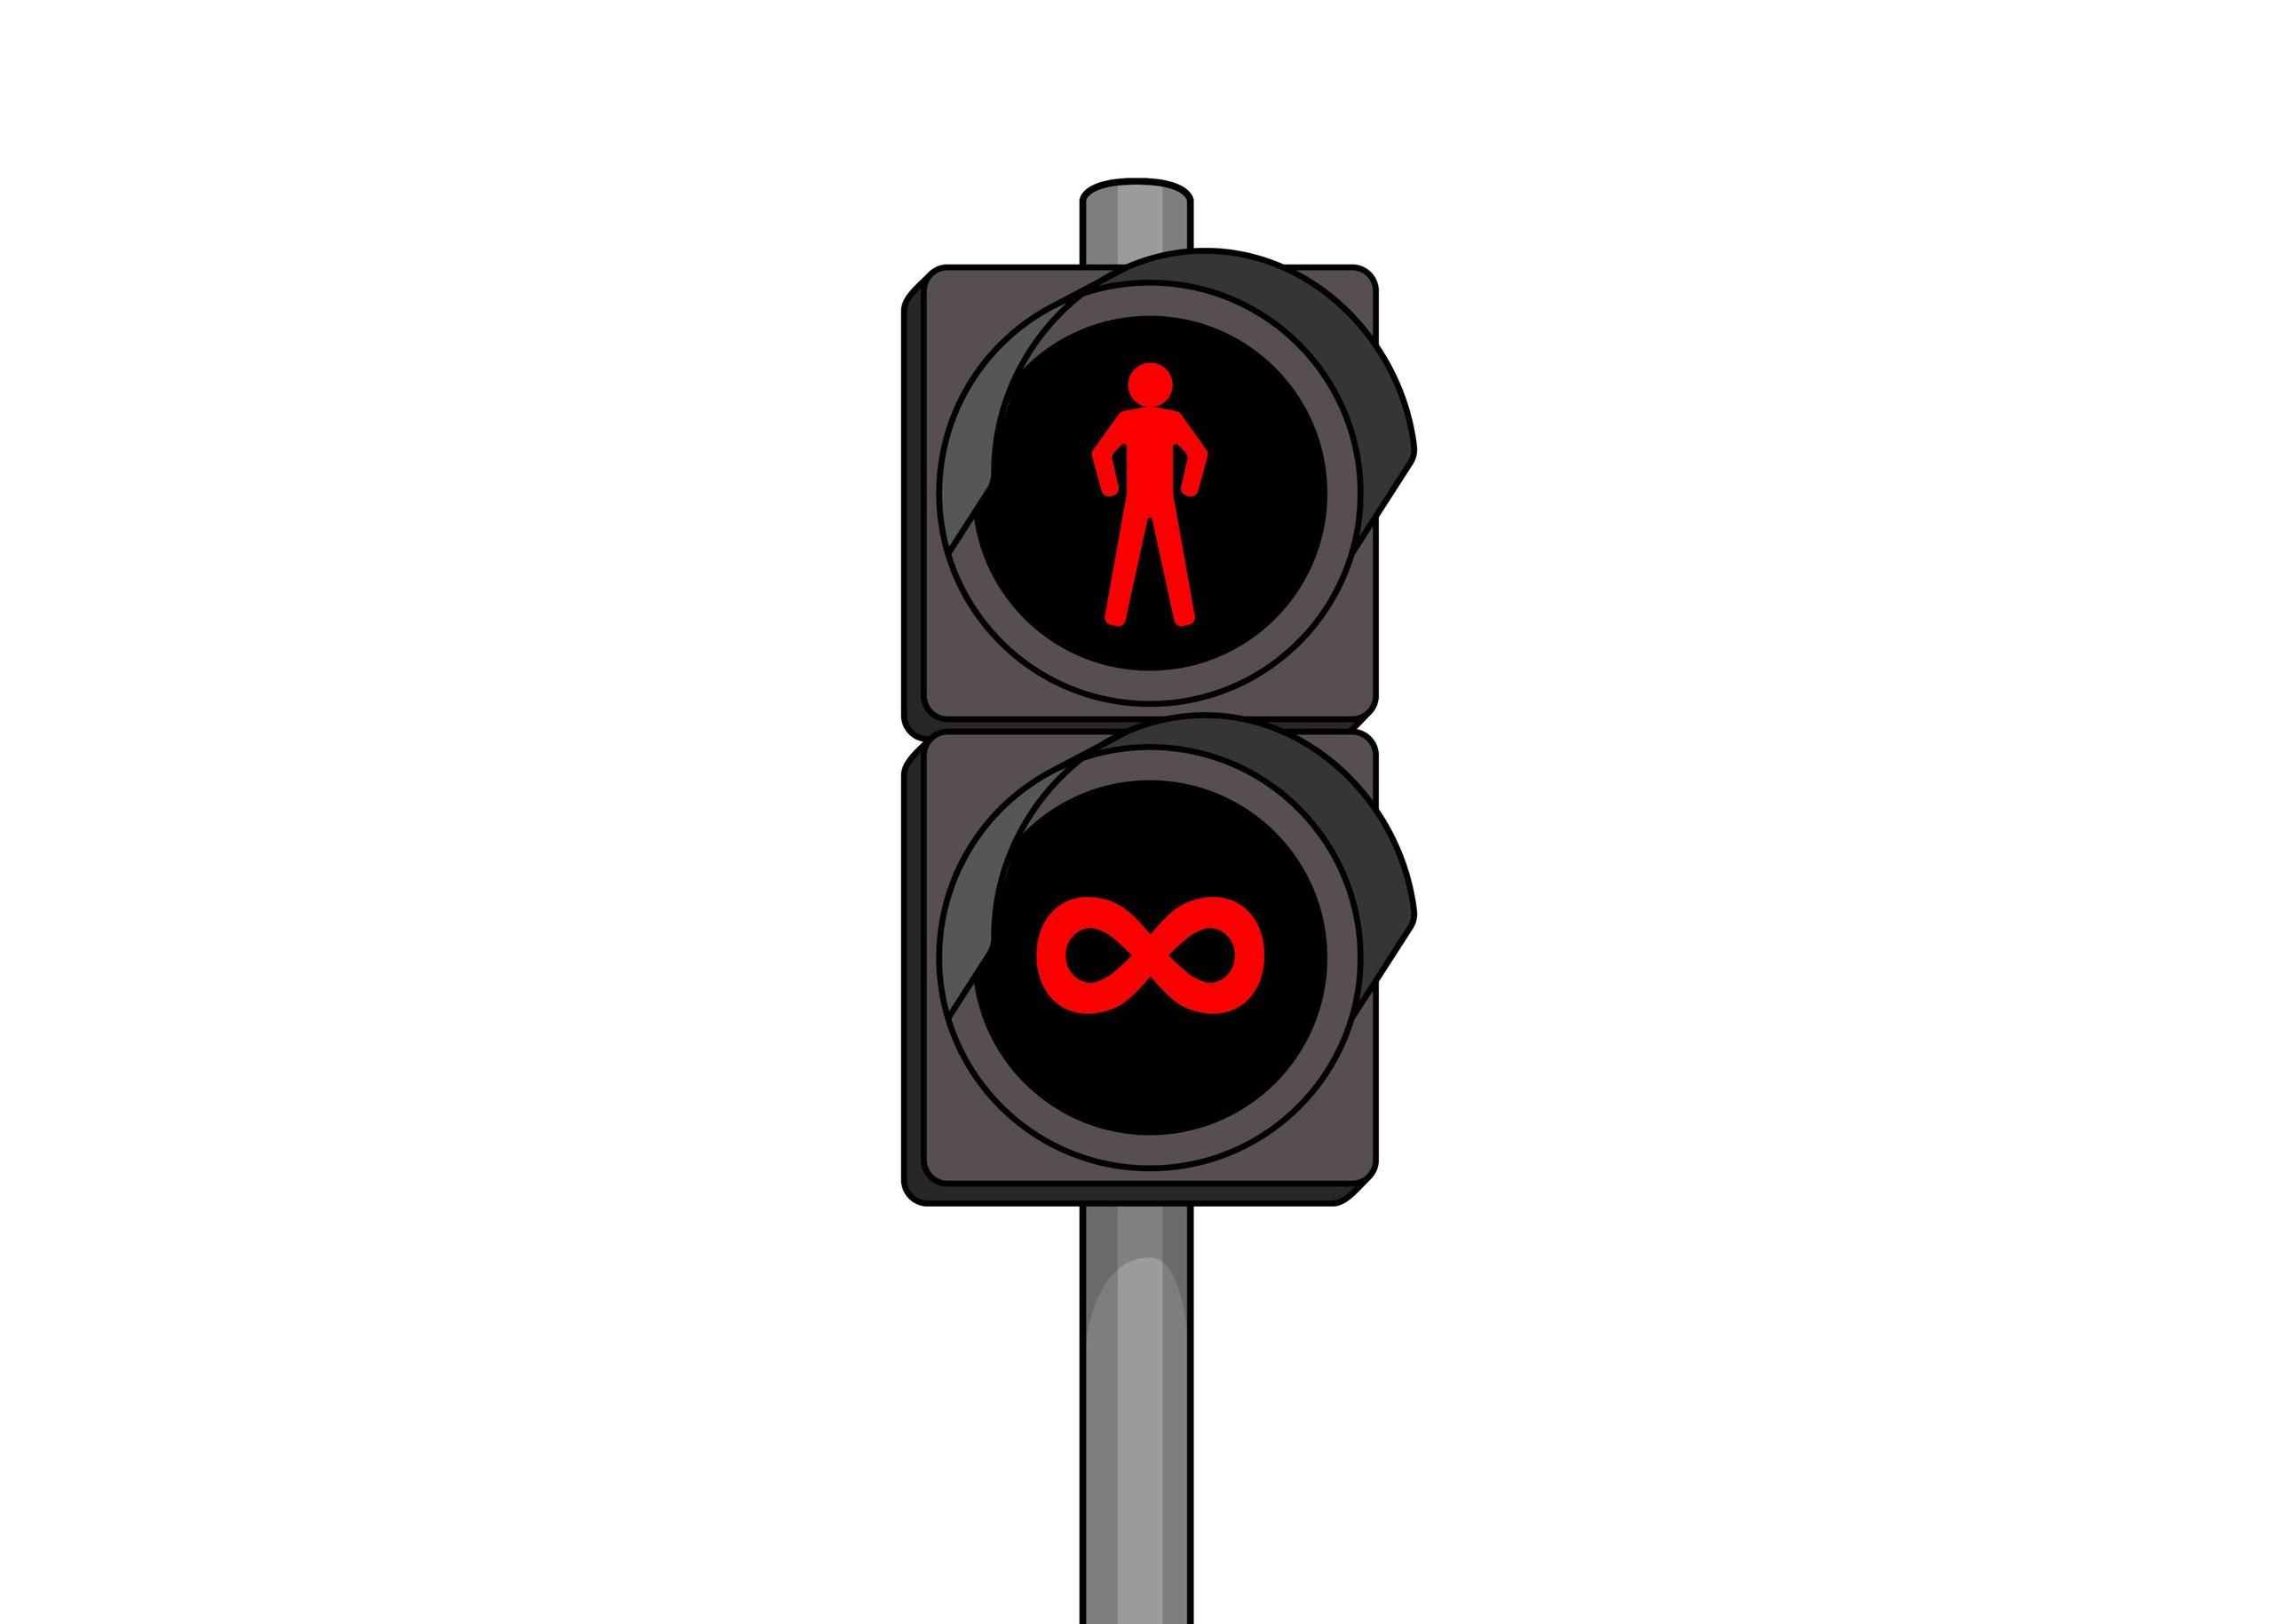 Четкая позиция московского транспорта по пешеходам – они должны страдать, а